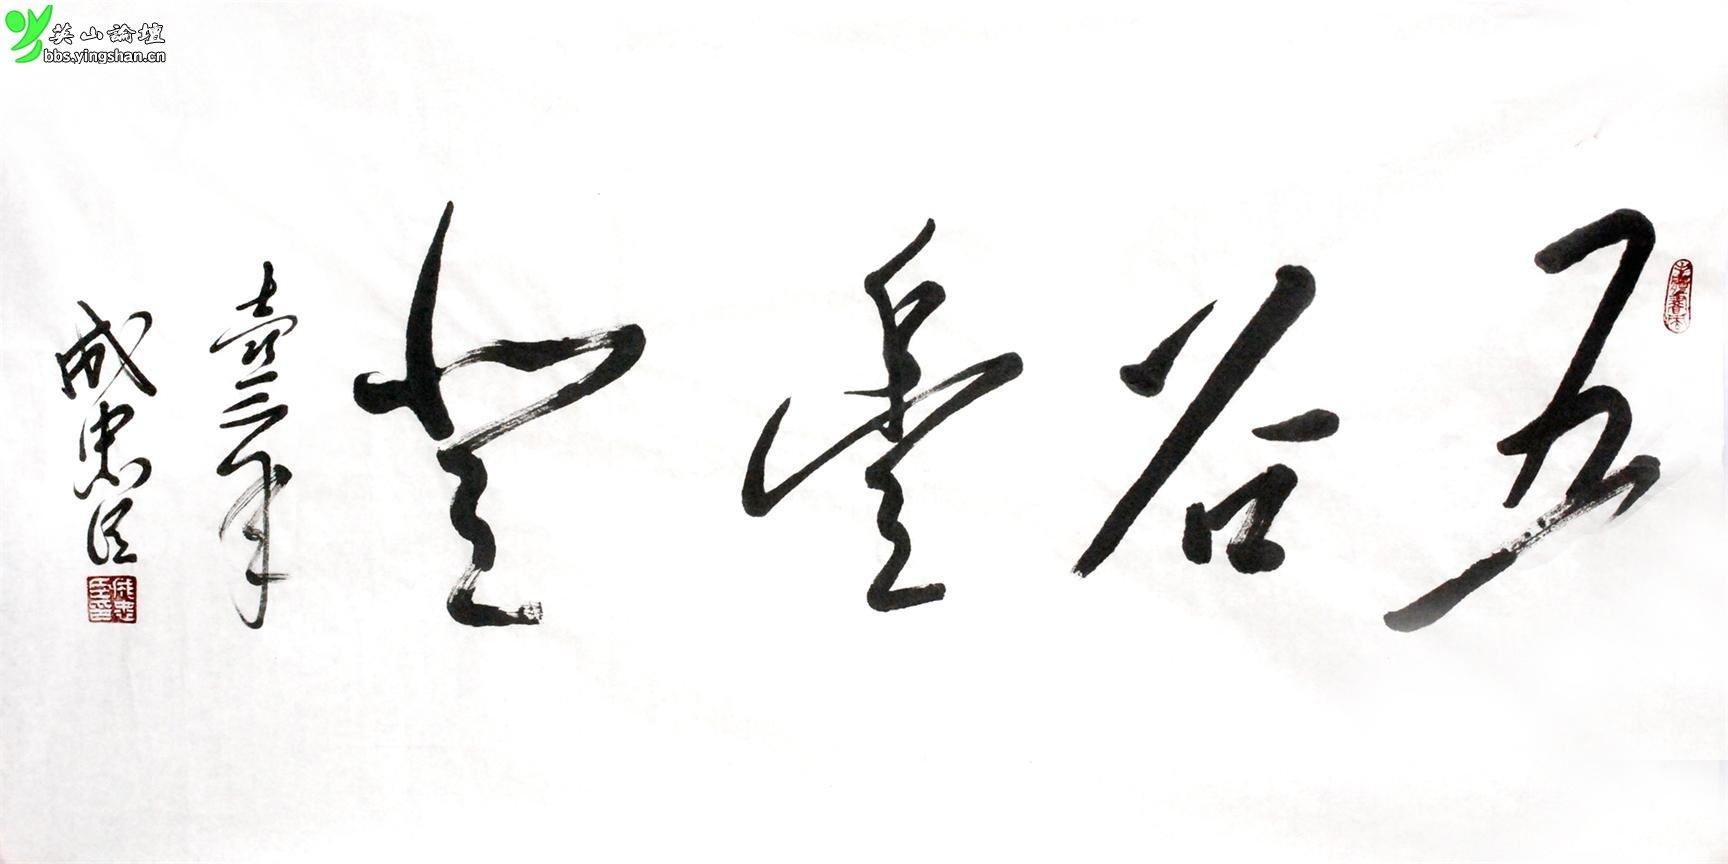 成忠臣国画《松鹤图》   7.成忠臣书法   8.成忠臣书法    9.